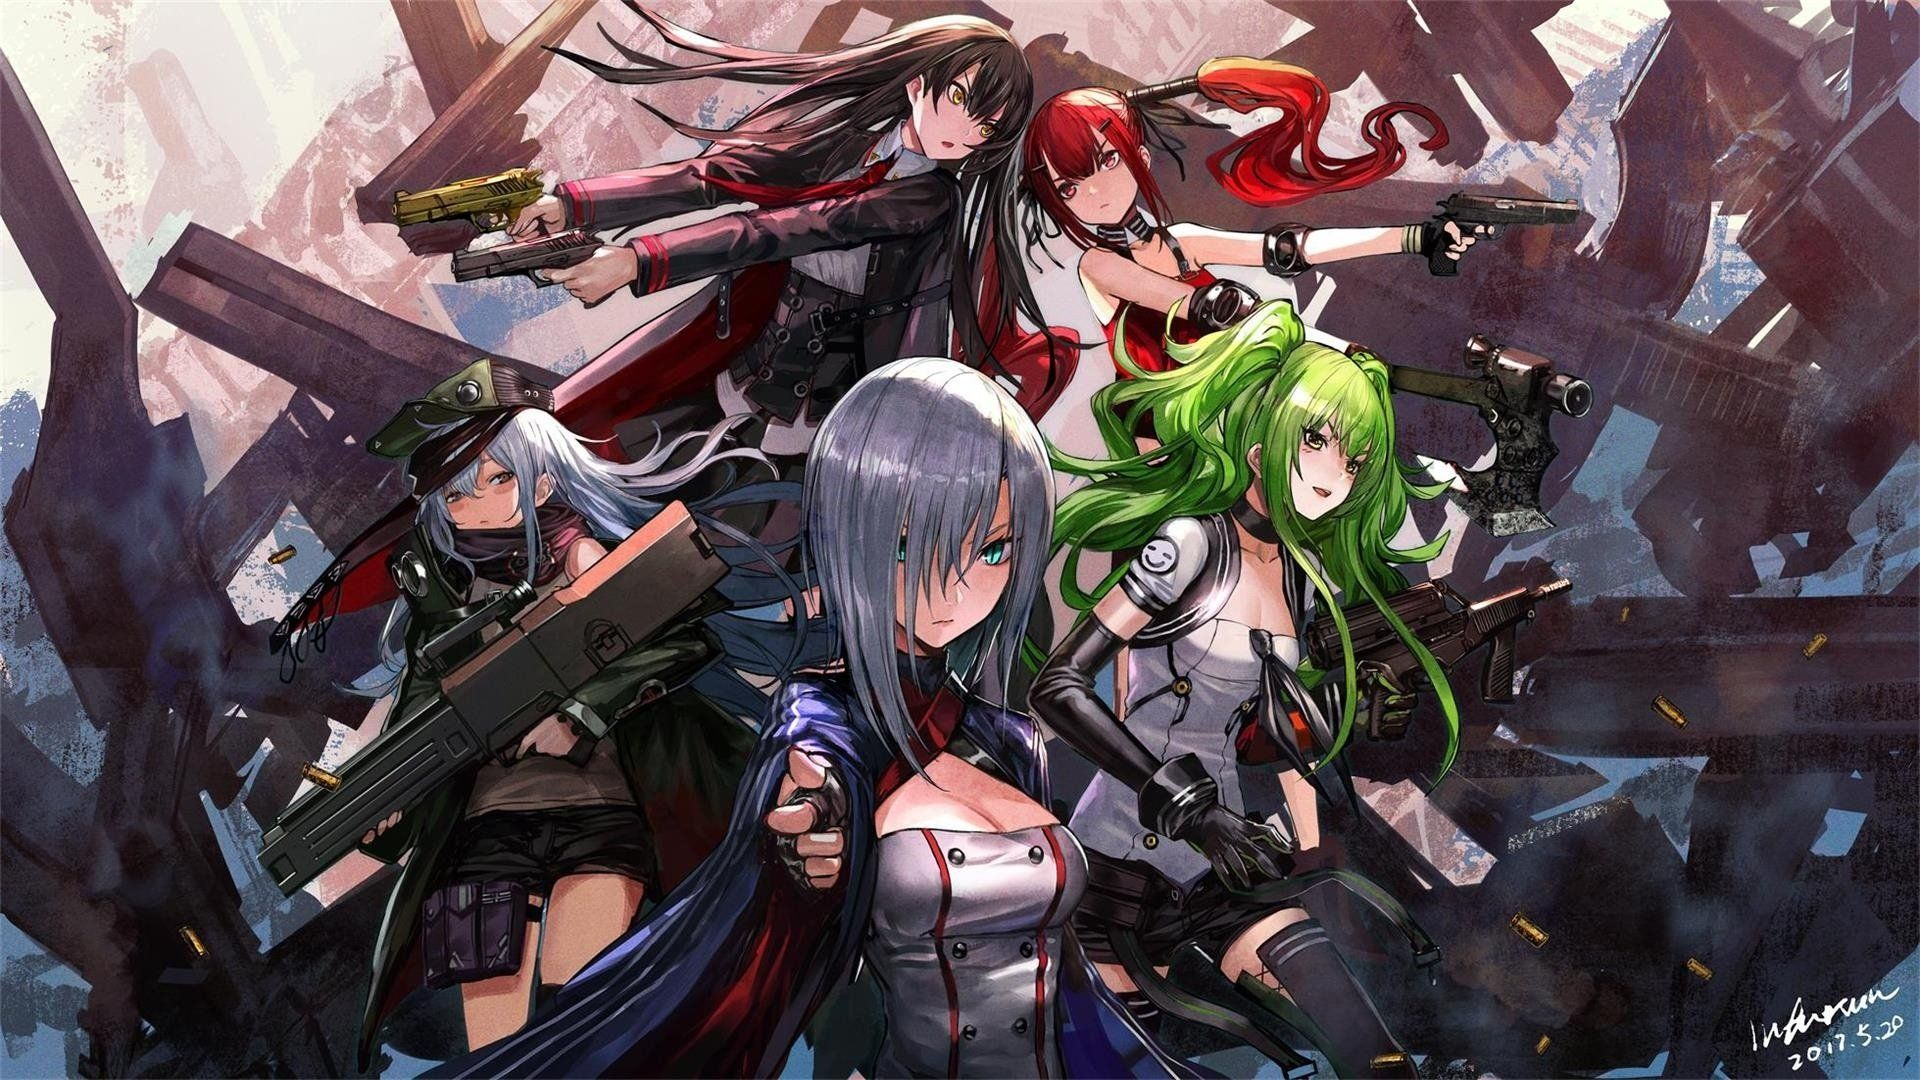 Anime Girls Frontline Wallpaper 少女前線 イラスト キャラクター